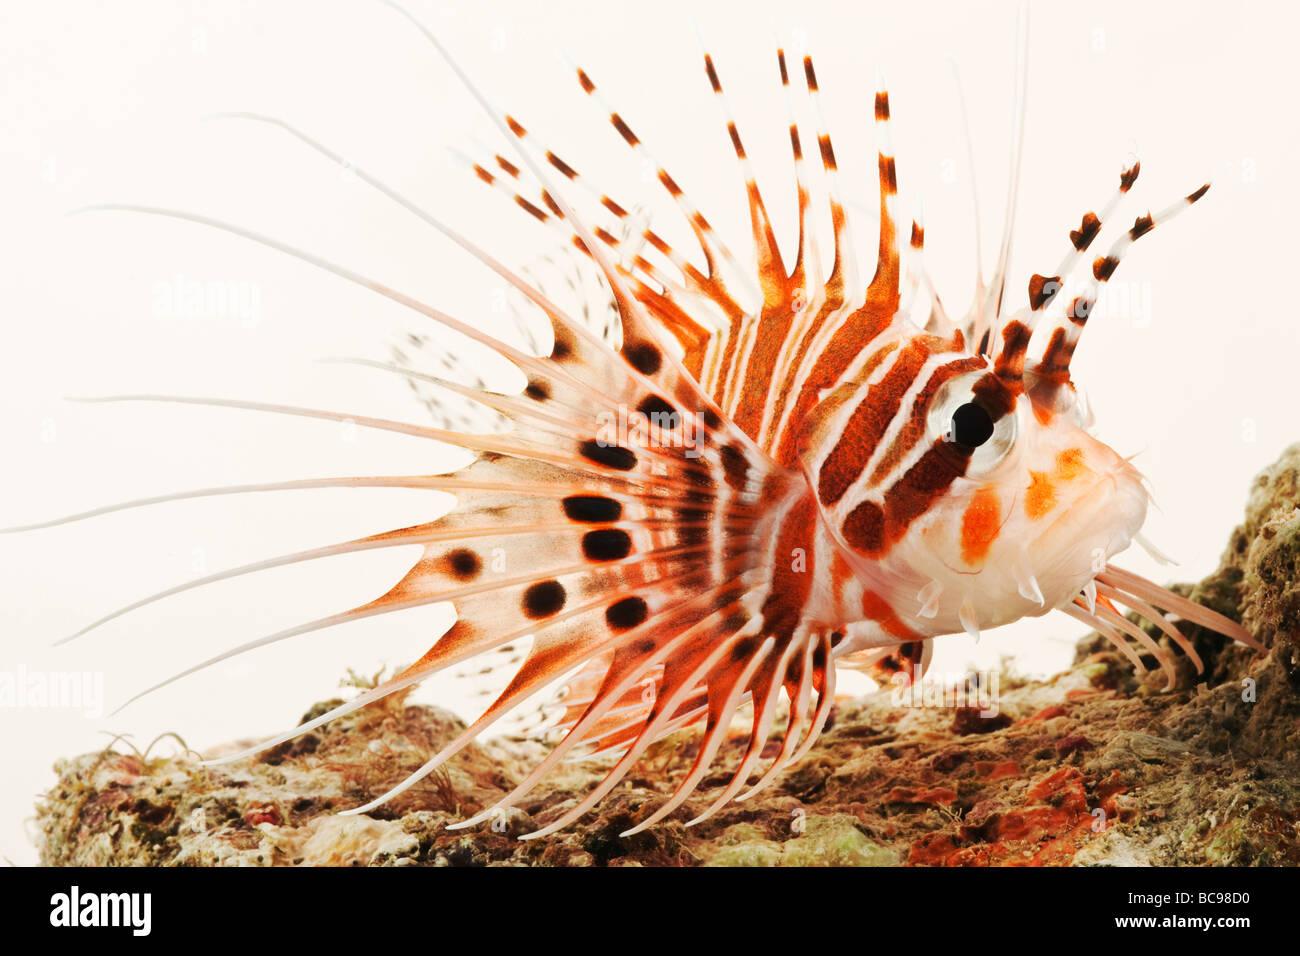 Spotfin pesce leone marino tropicale pesci di scogliera Immagini Stock